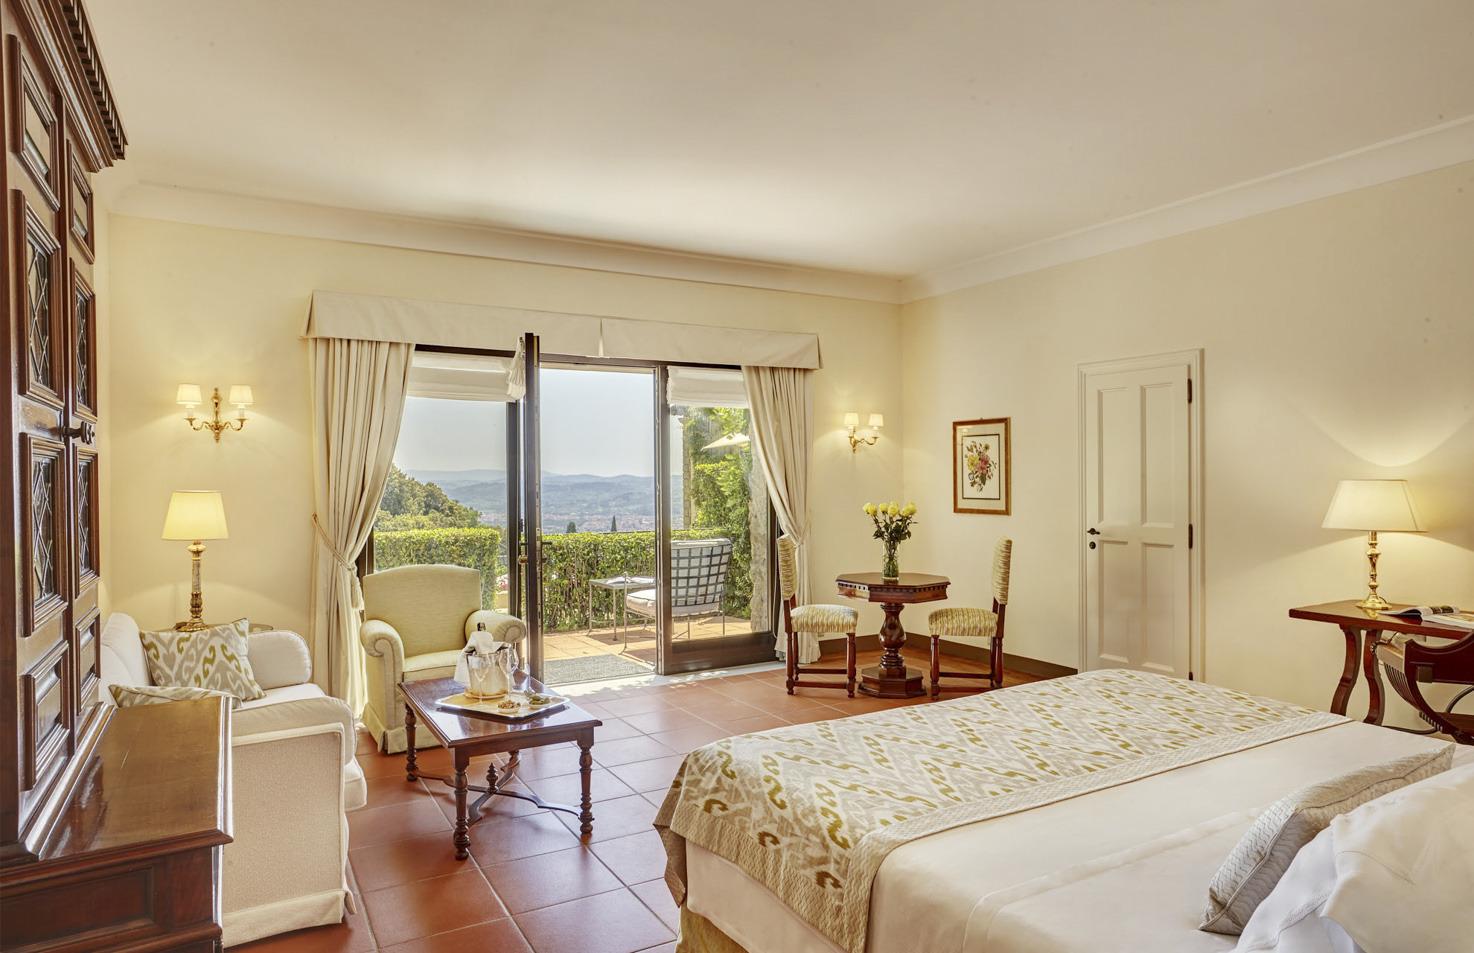 Accommodation at Belmond Villa San Michele